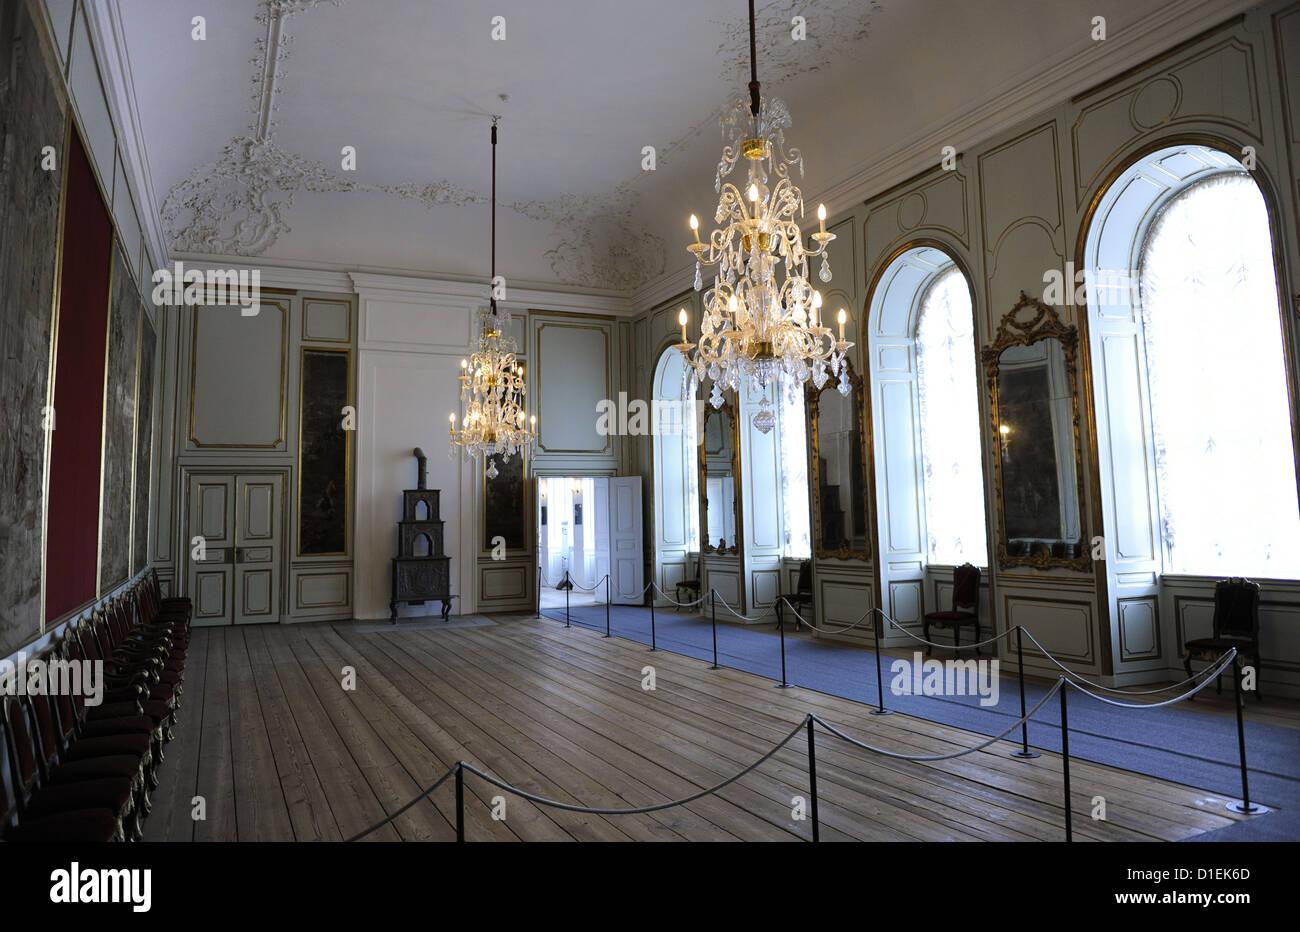 Dinamarca. Copenhague. Museo Nacional de Dinamarca. Gran salón decorado en 1745. En el interior. Foto de stock